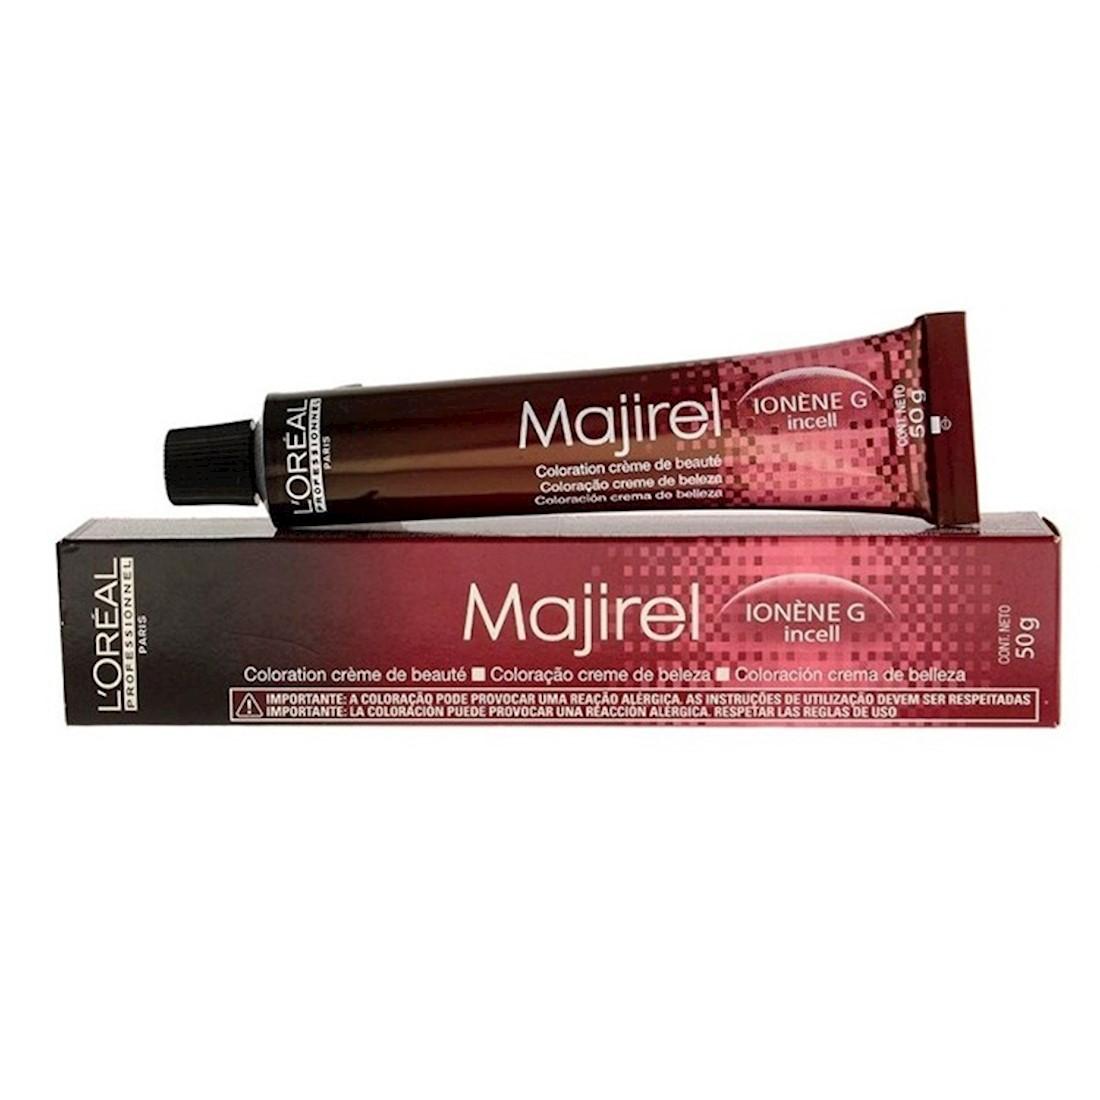 Coloração Majirel 9,31 (Louro muito Claro Bege Dourado) da L'Oreal  50g